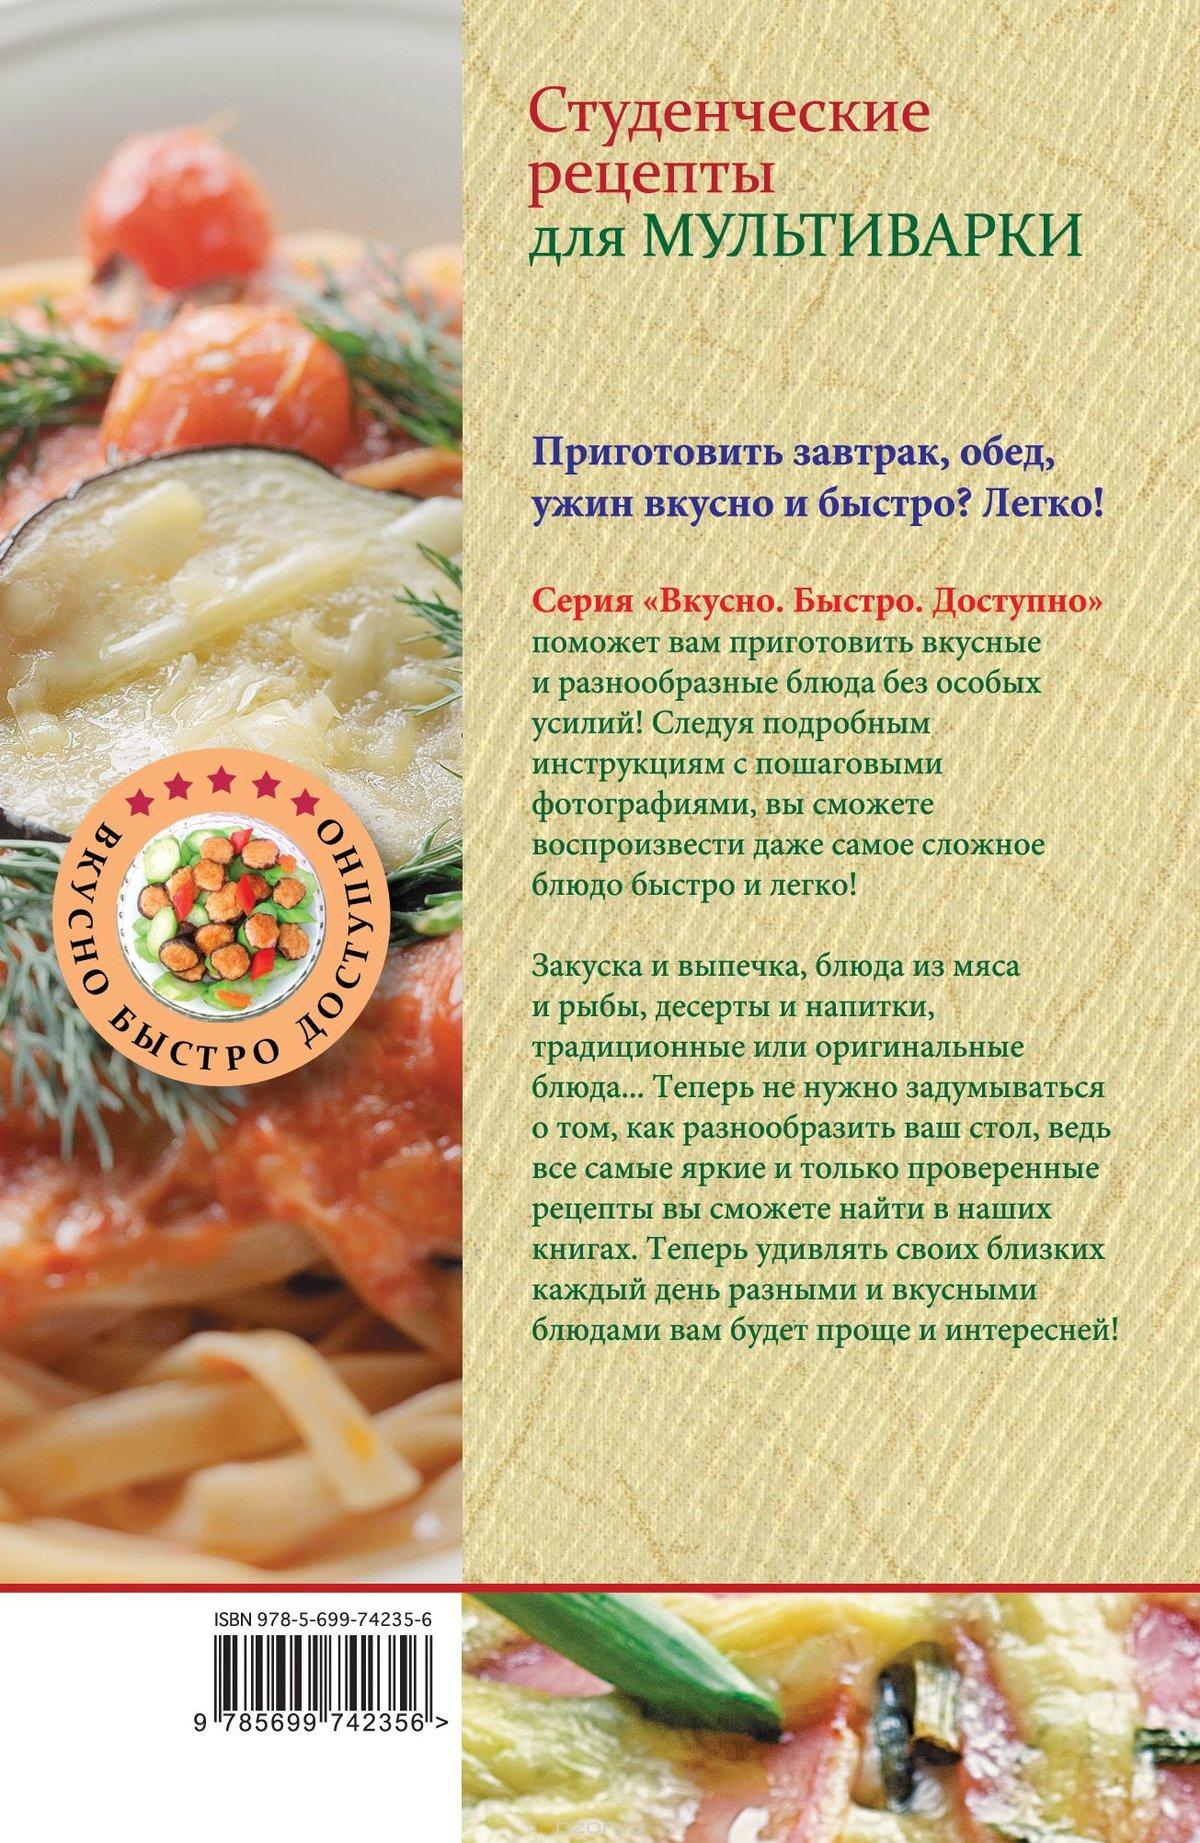 Рецепты простых и недорогих блюд пошагово